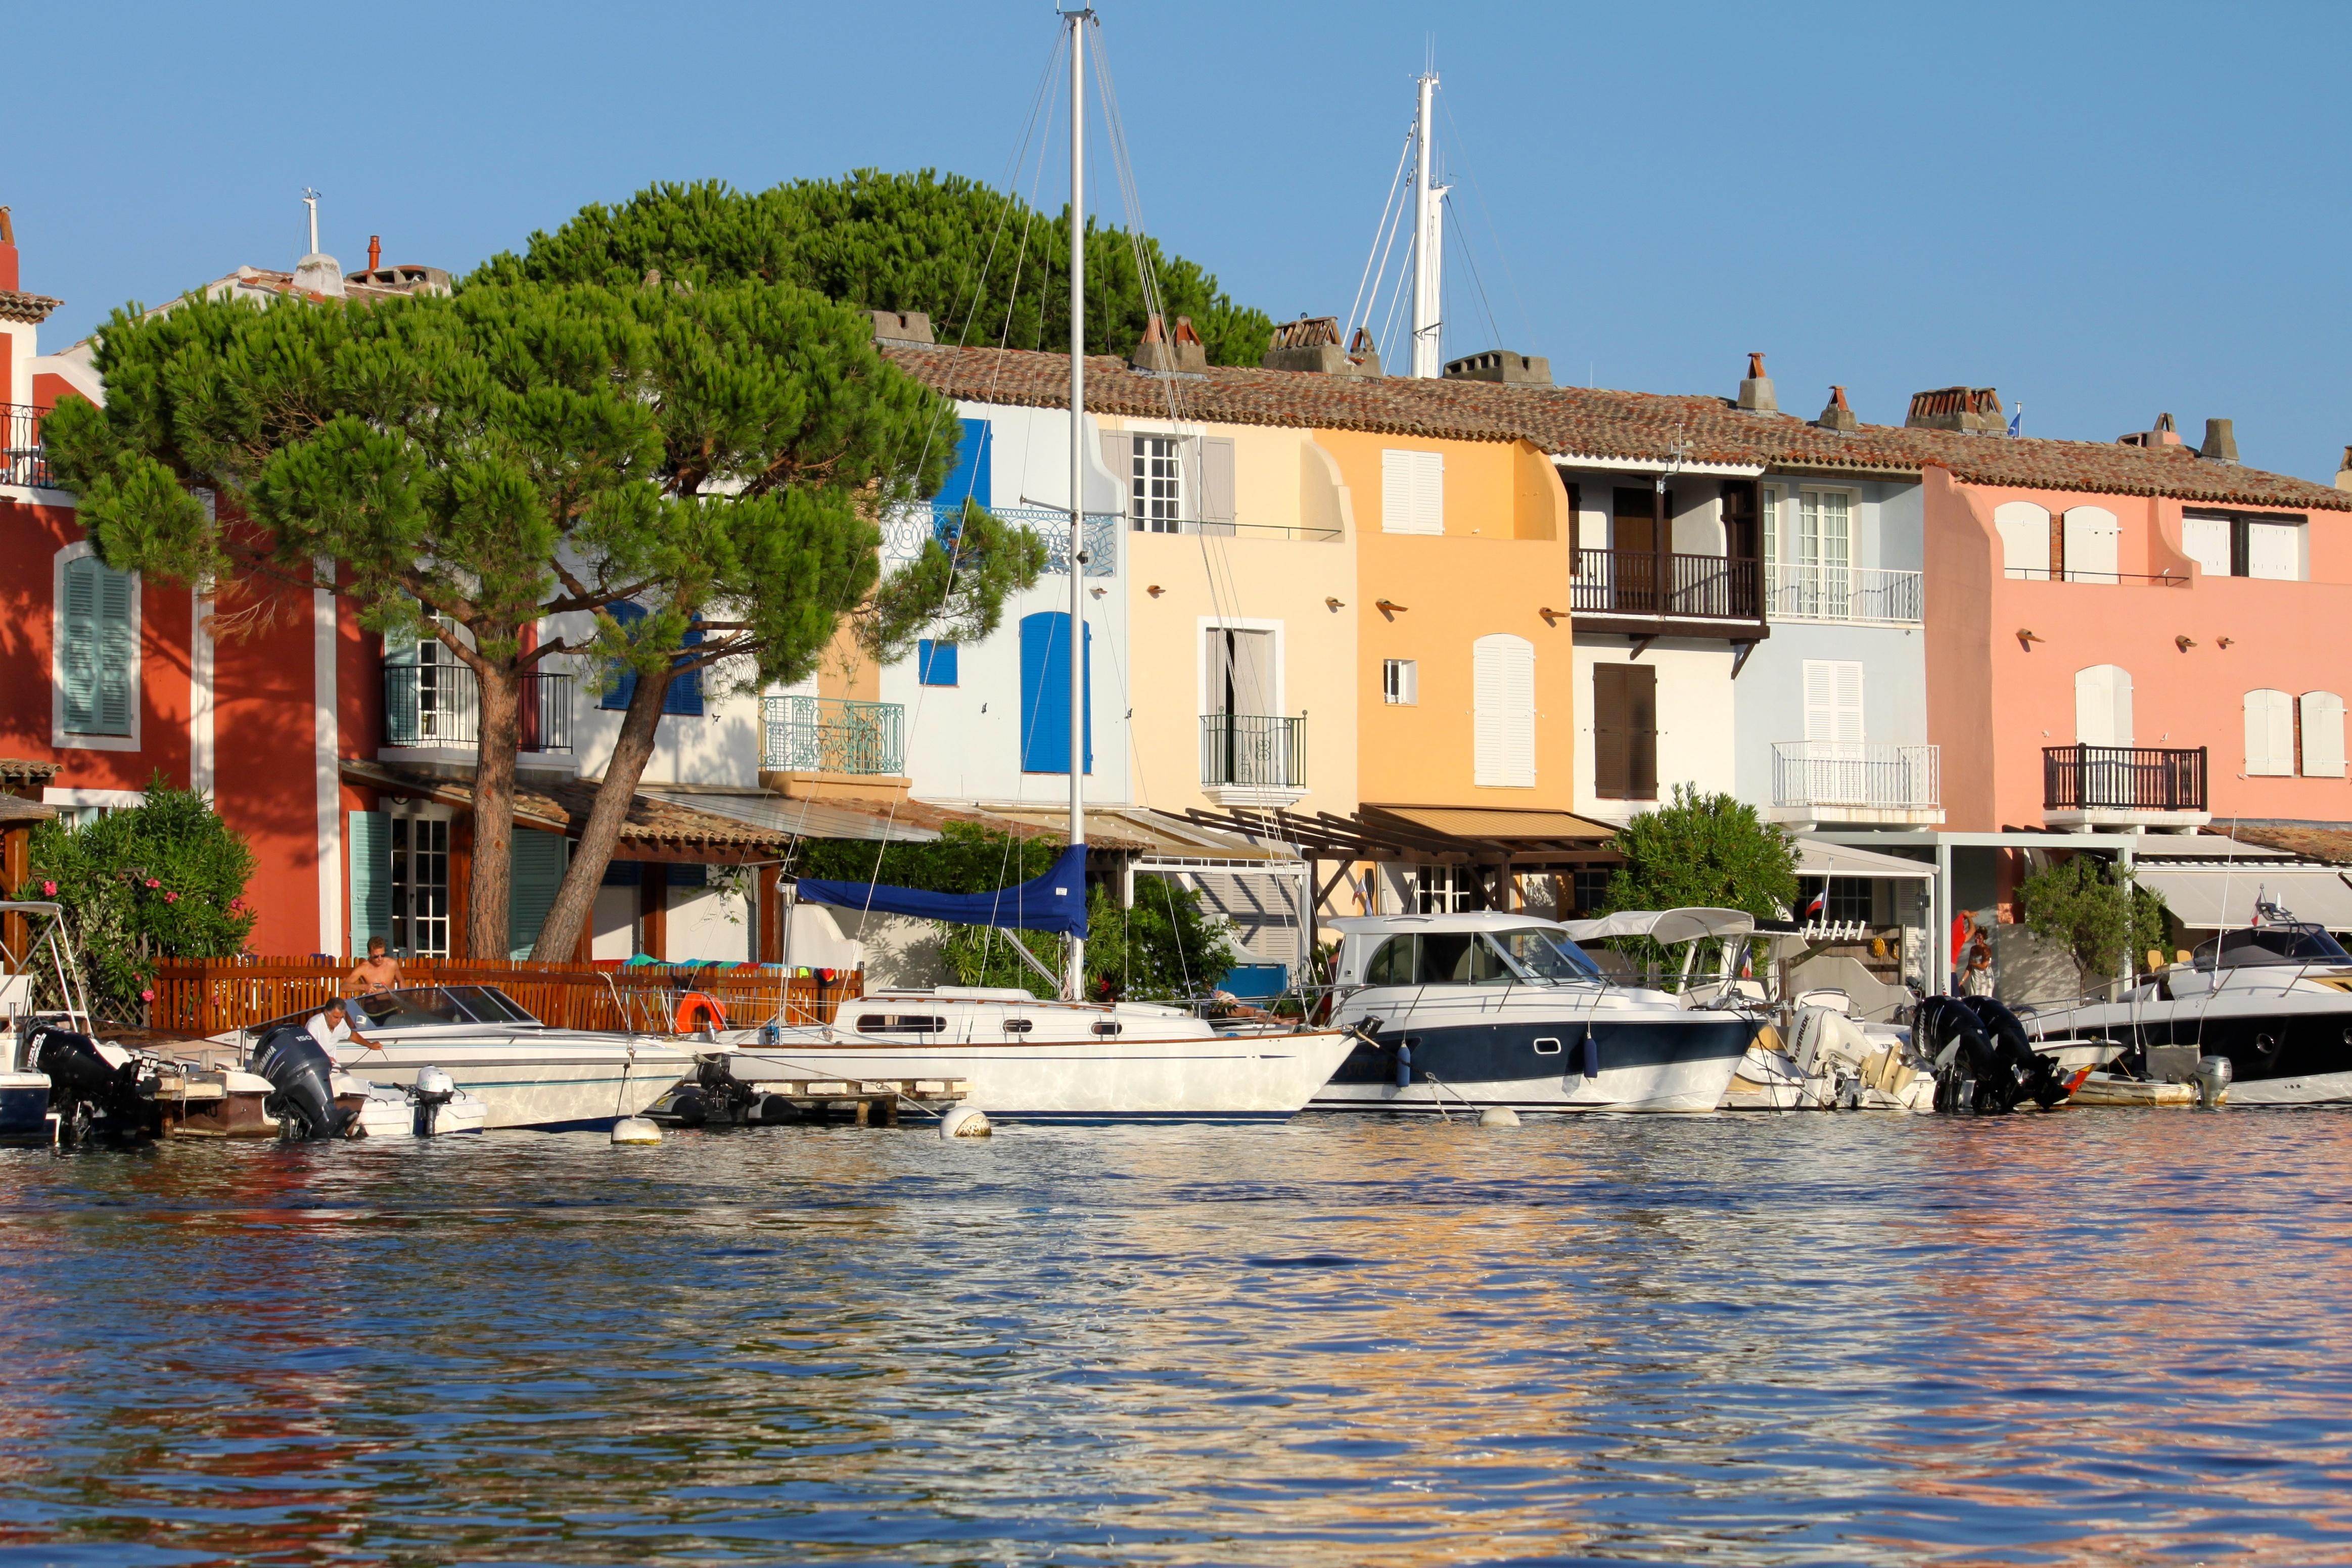 Louer port grimaud blog sur port grimaud sorties bon plans et conseil en immobilier - Location bateau port grimaud ...